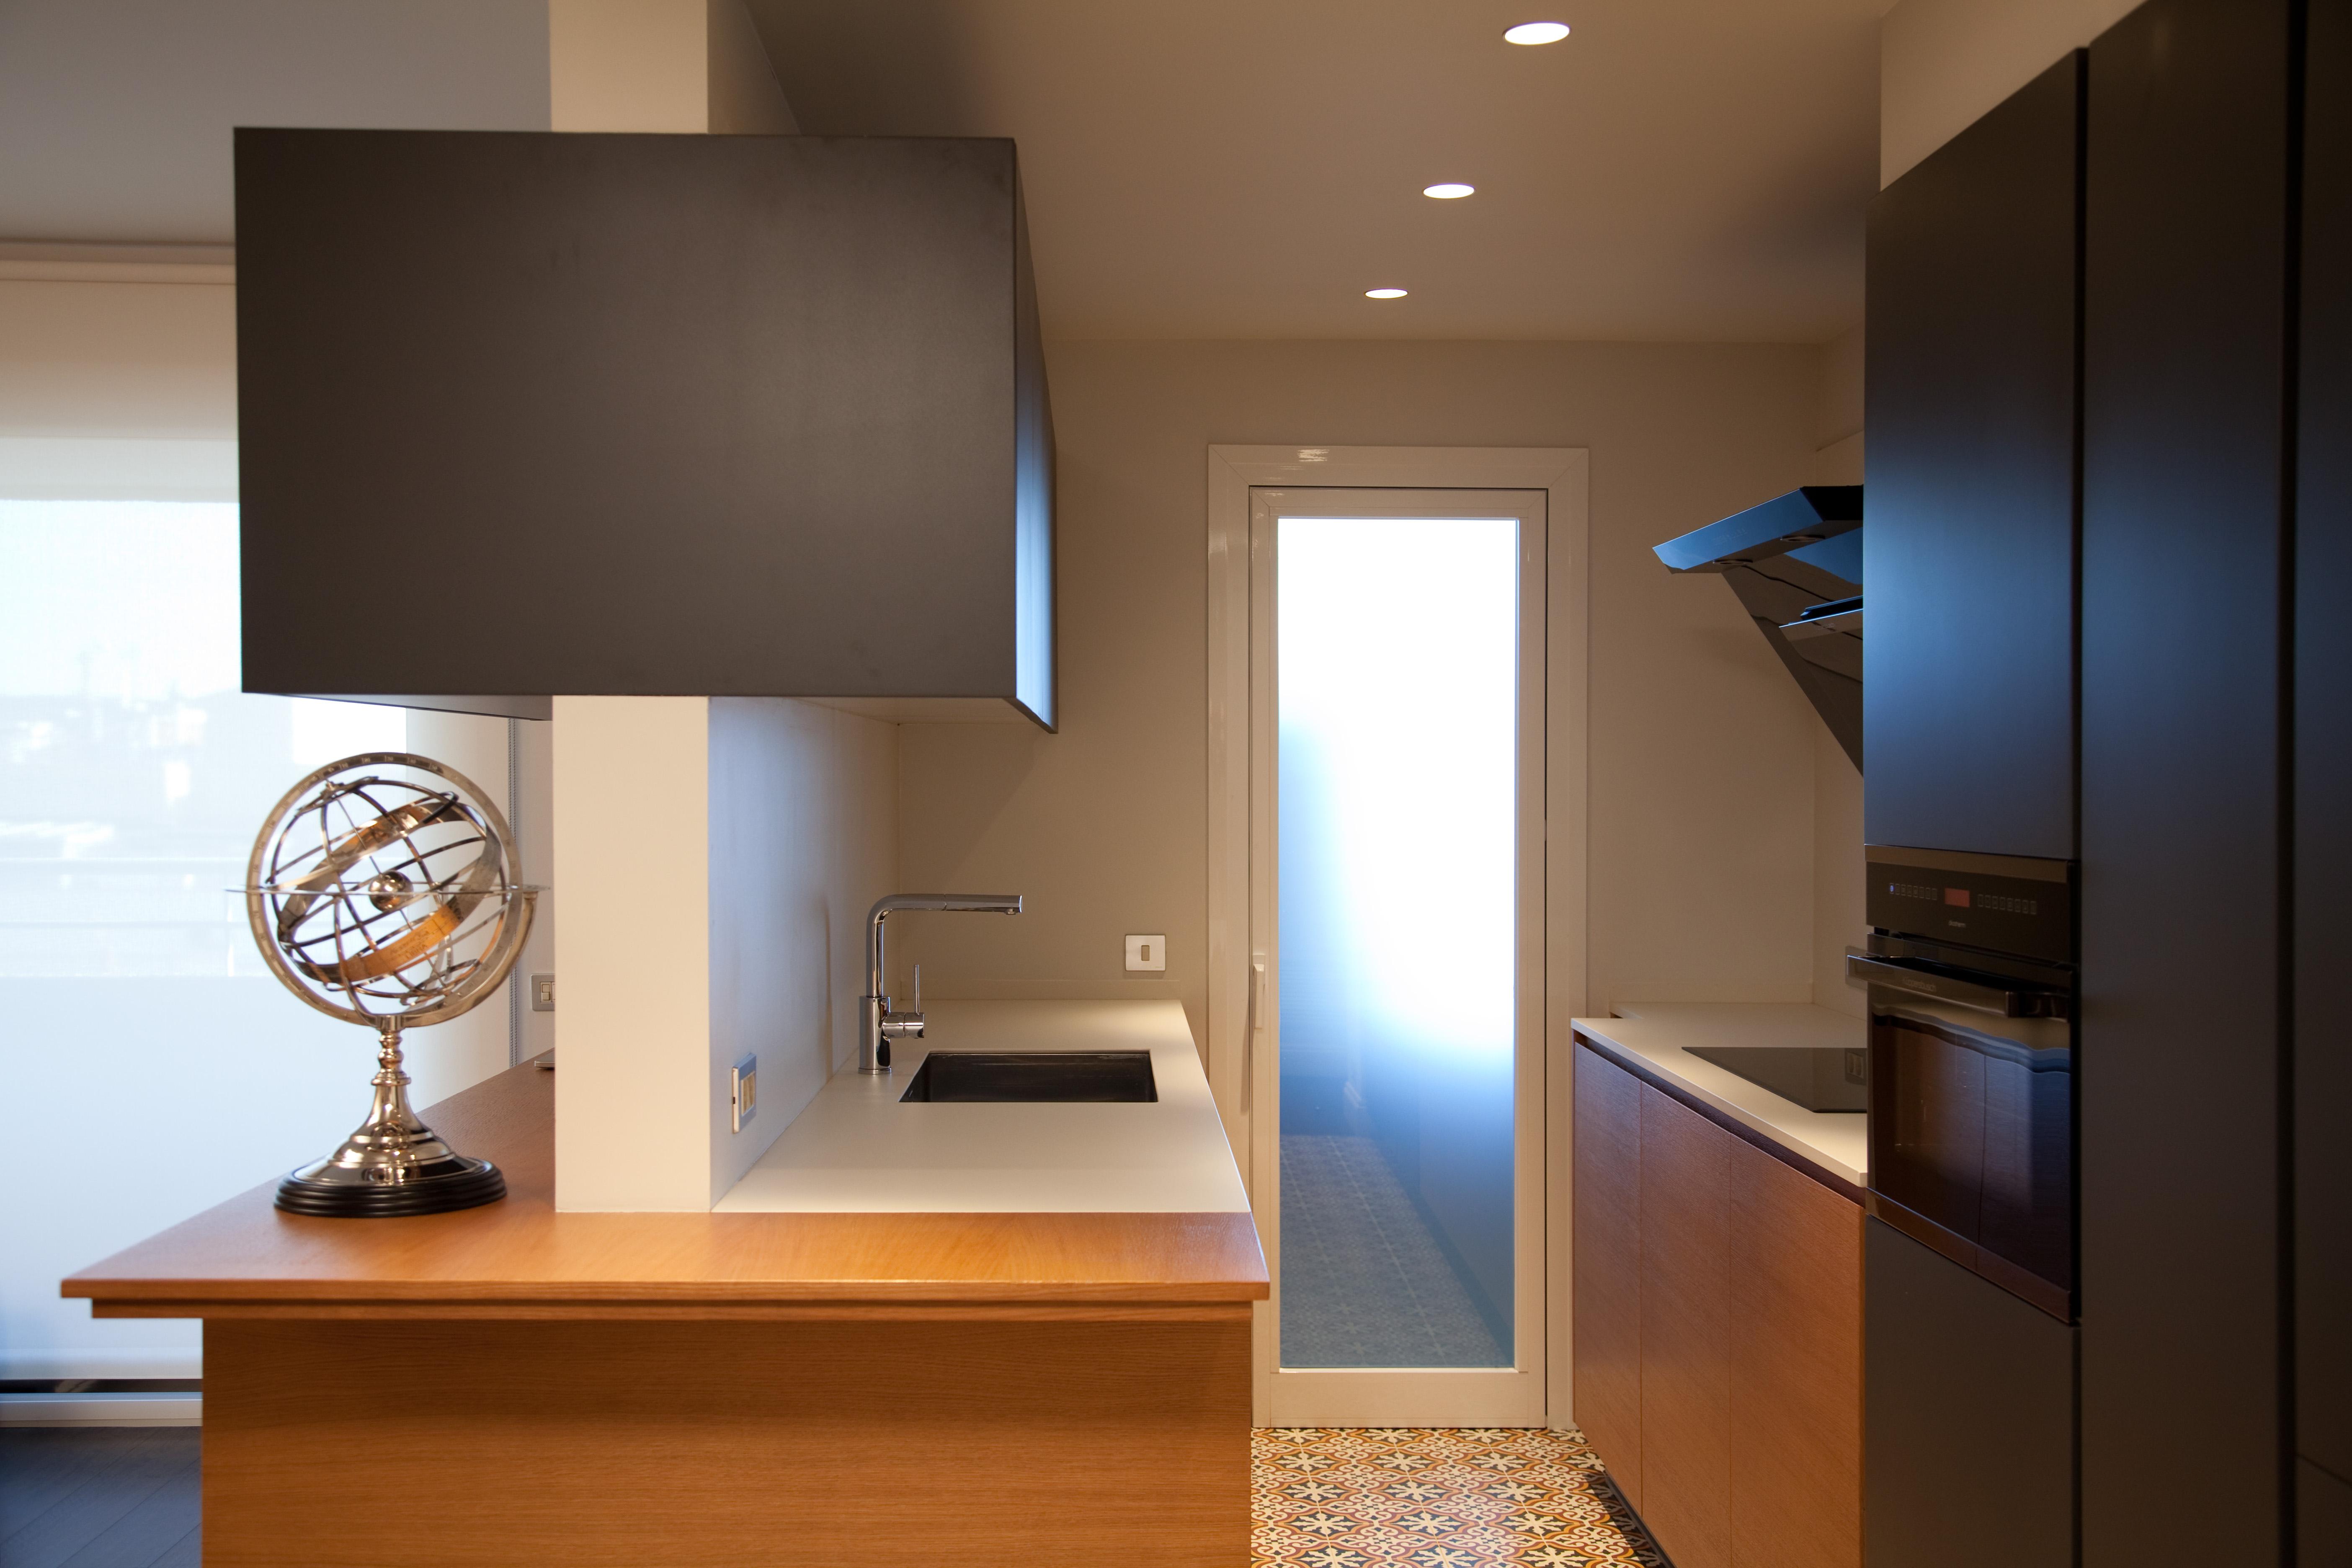 Cocina a medida acabados gris oscuro y roble barnizado for Cocina de madera gris oscuro